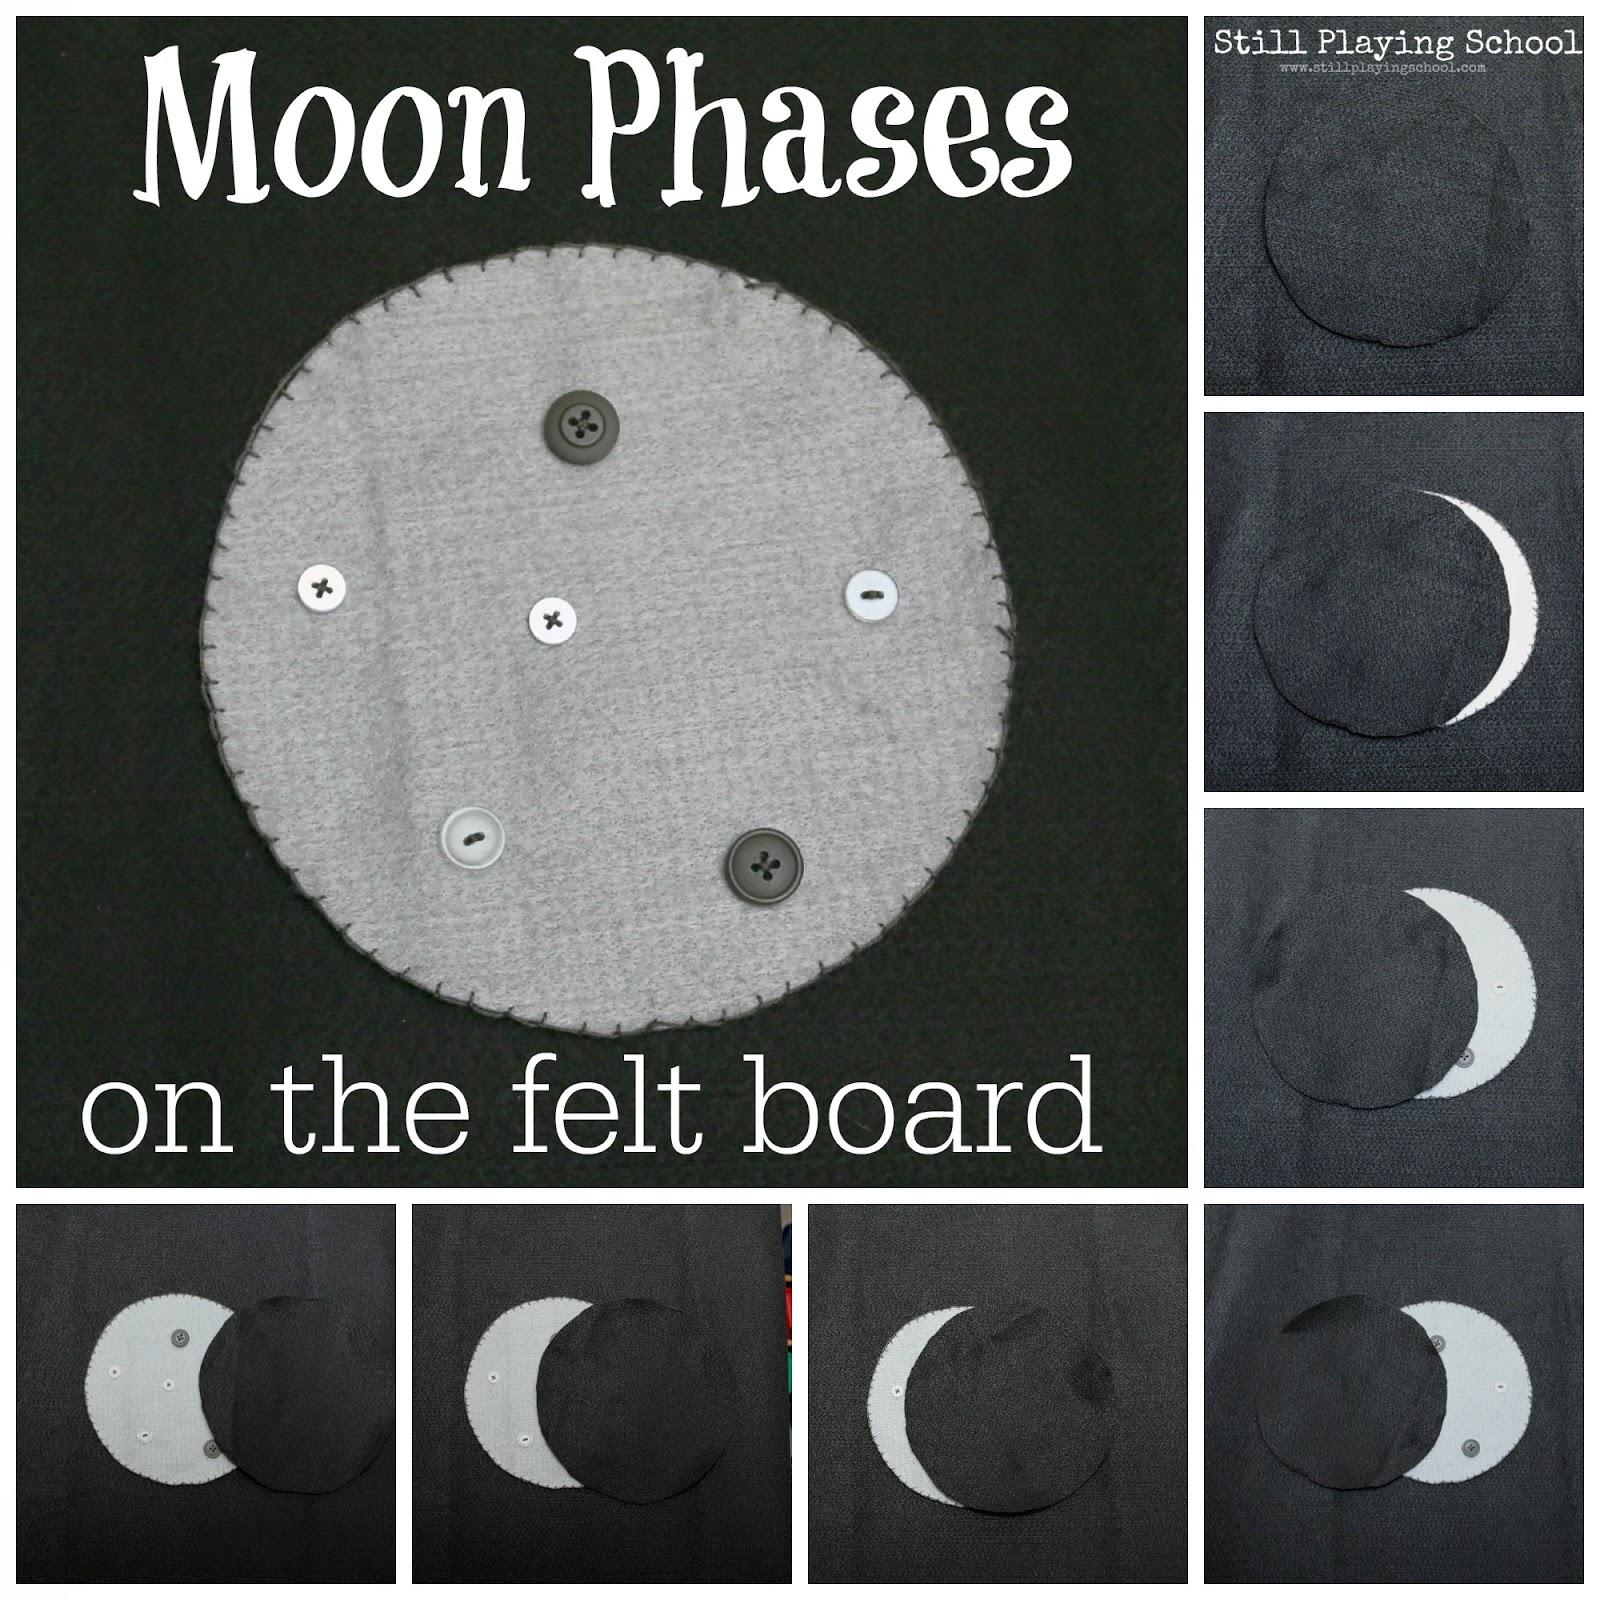 Moon Phases On The Felt Board